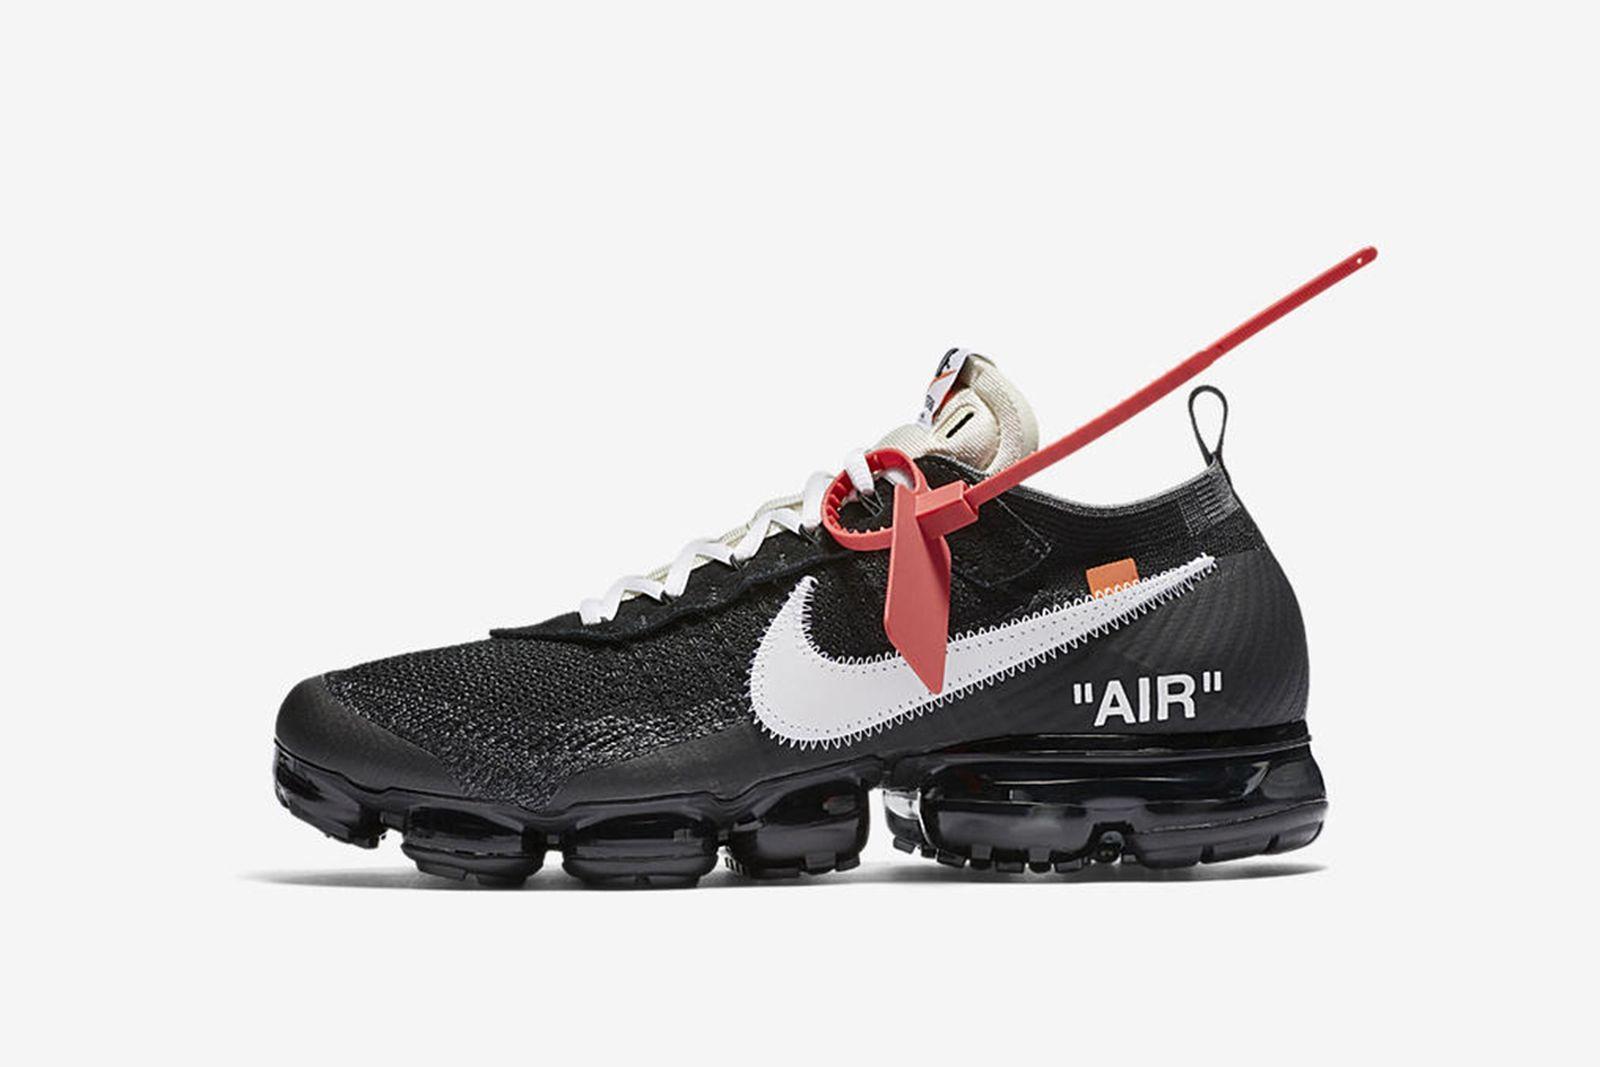 vapormax GOAT Nike The Ten OFF-WHITE c/o Virgil Abloh